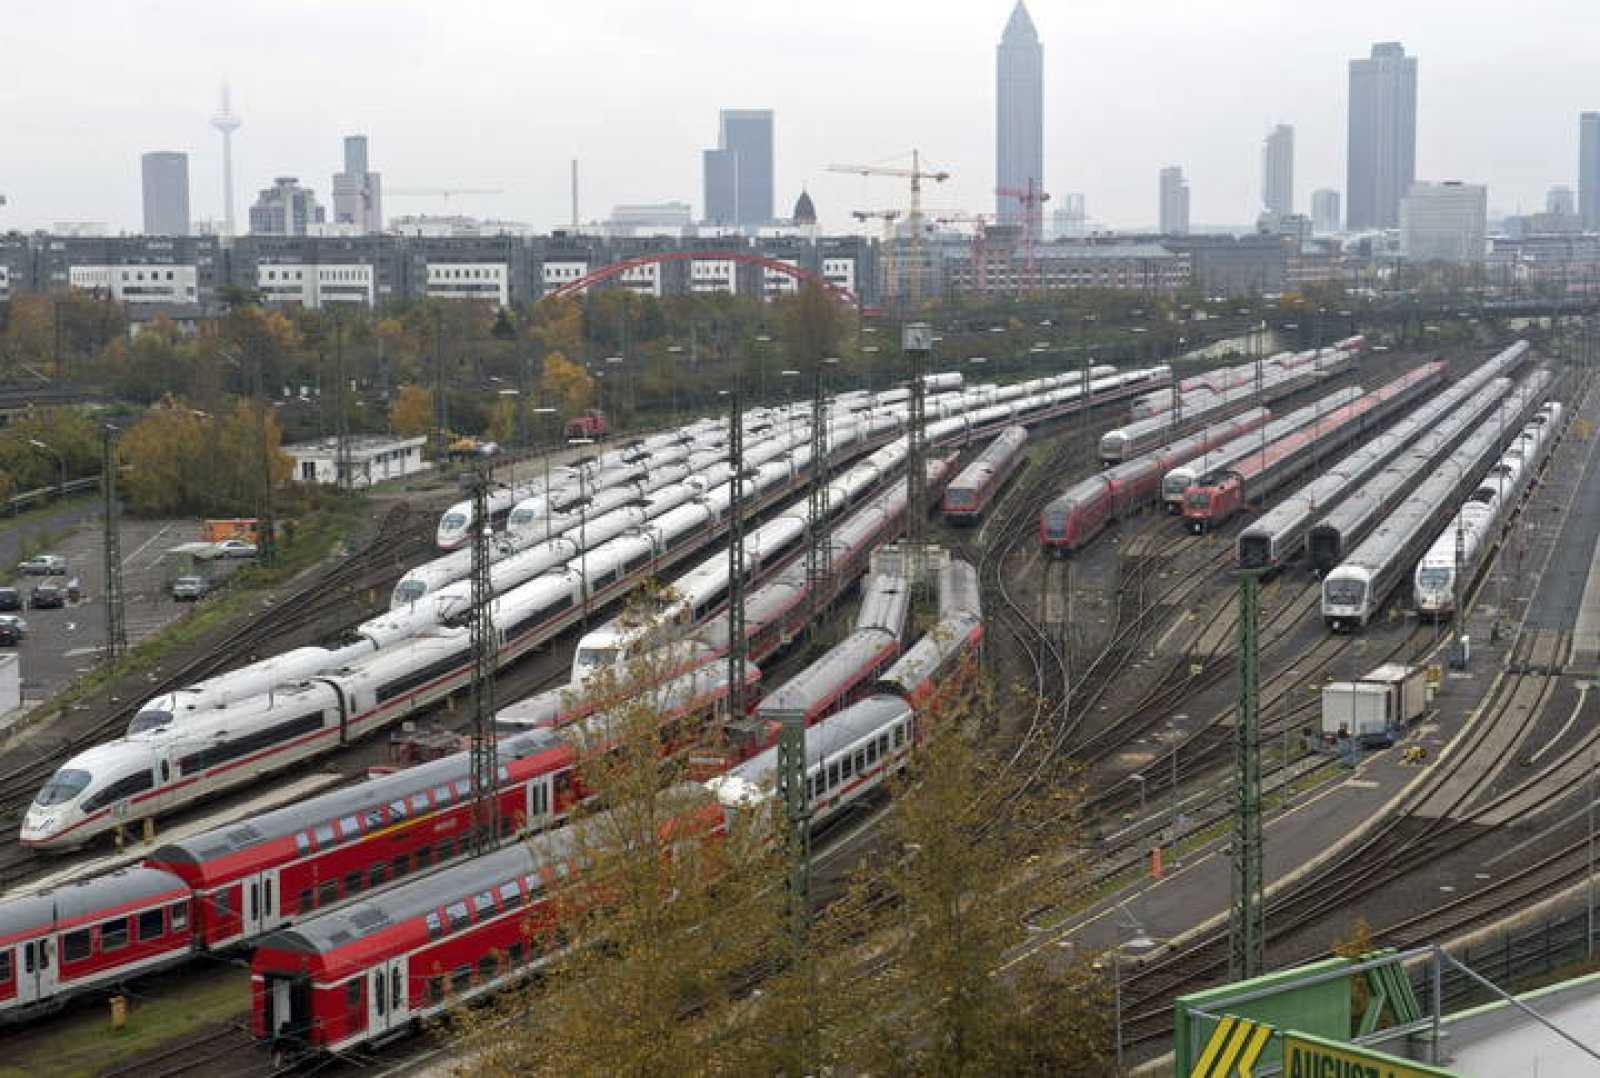 Trenes de alta velocidad, regionales y de cercanías de Deutsche Bahn permanecen estacionados en la estación central de Fráncfort